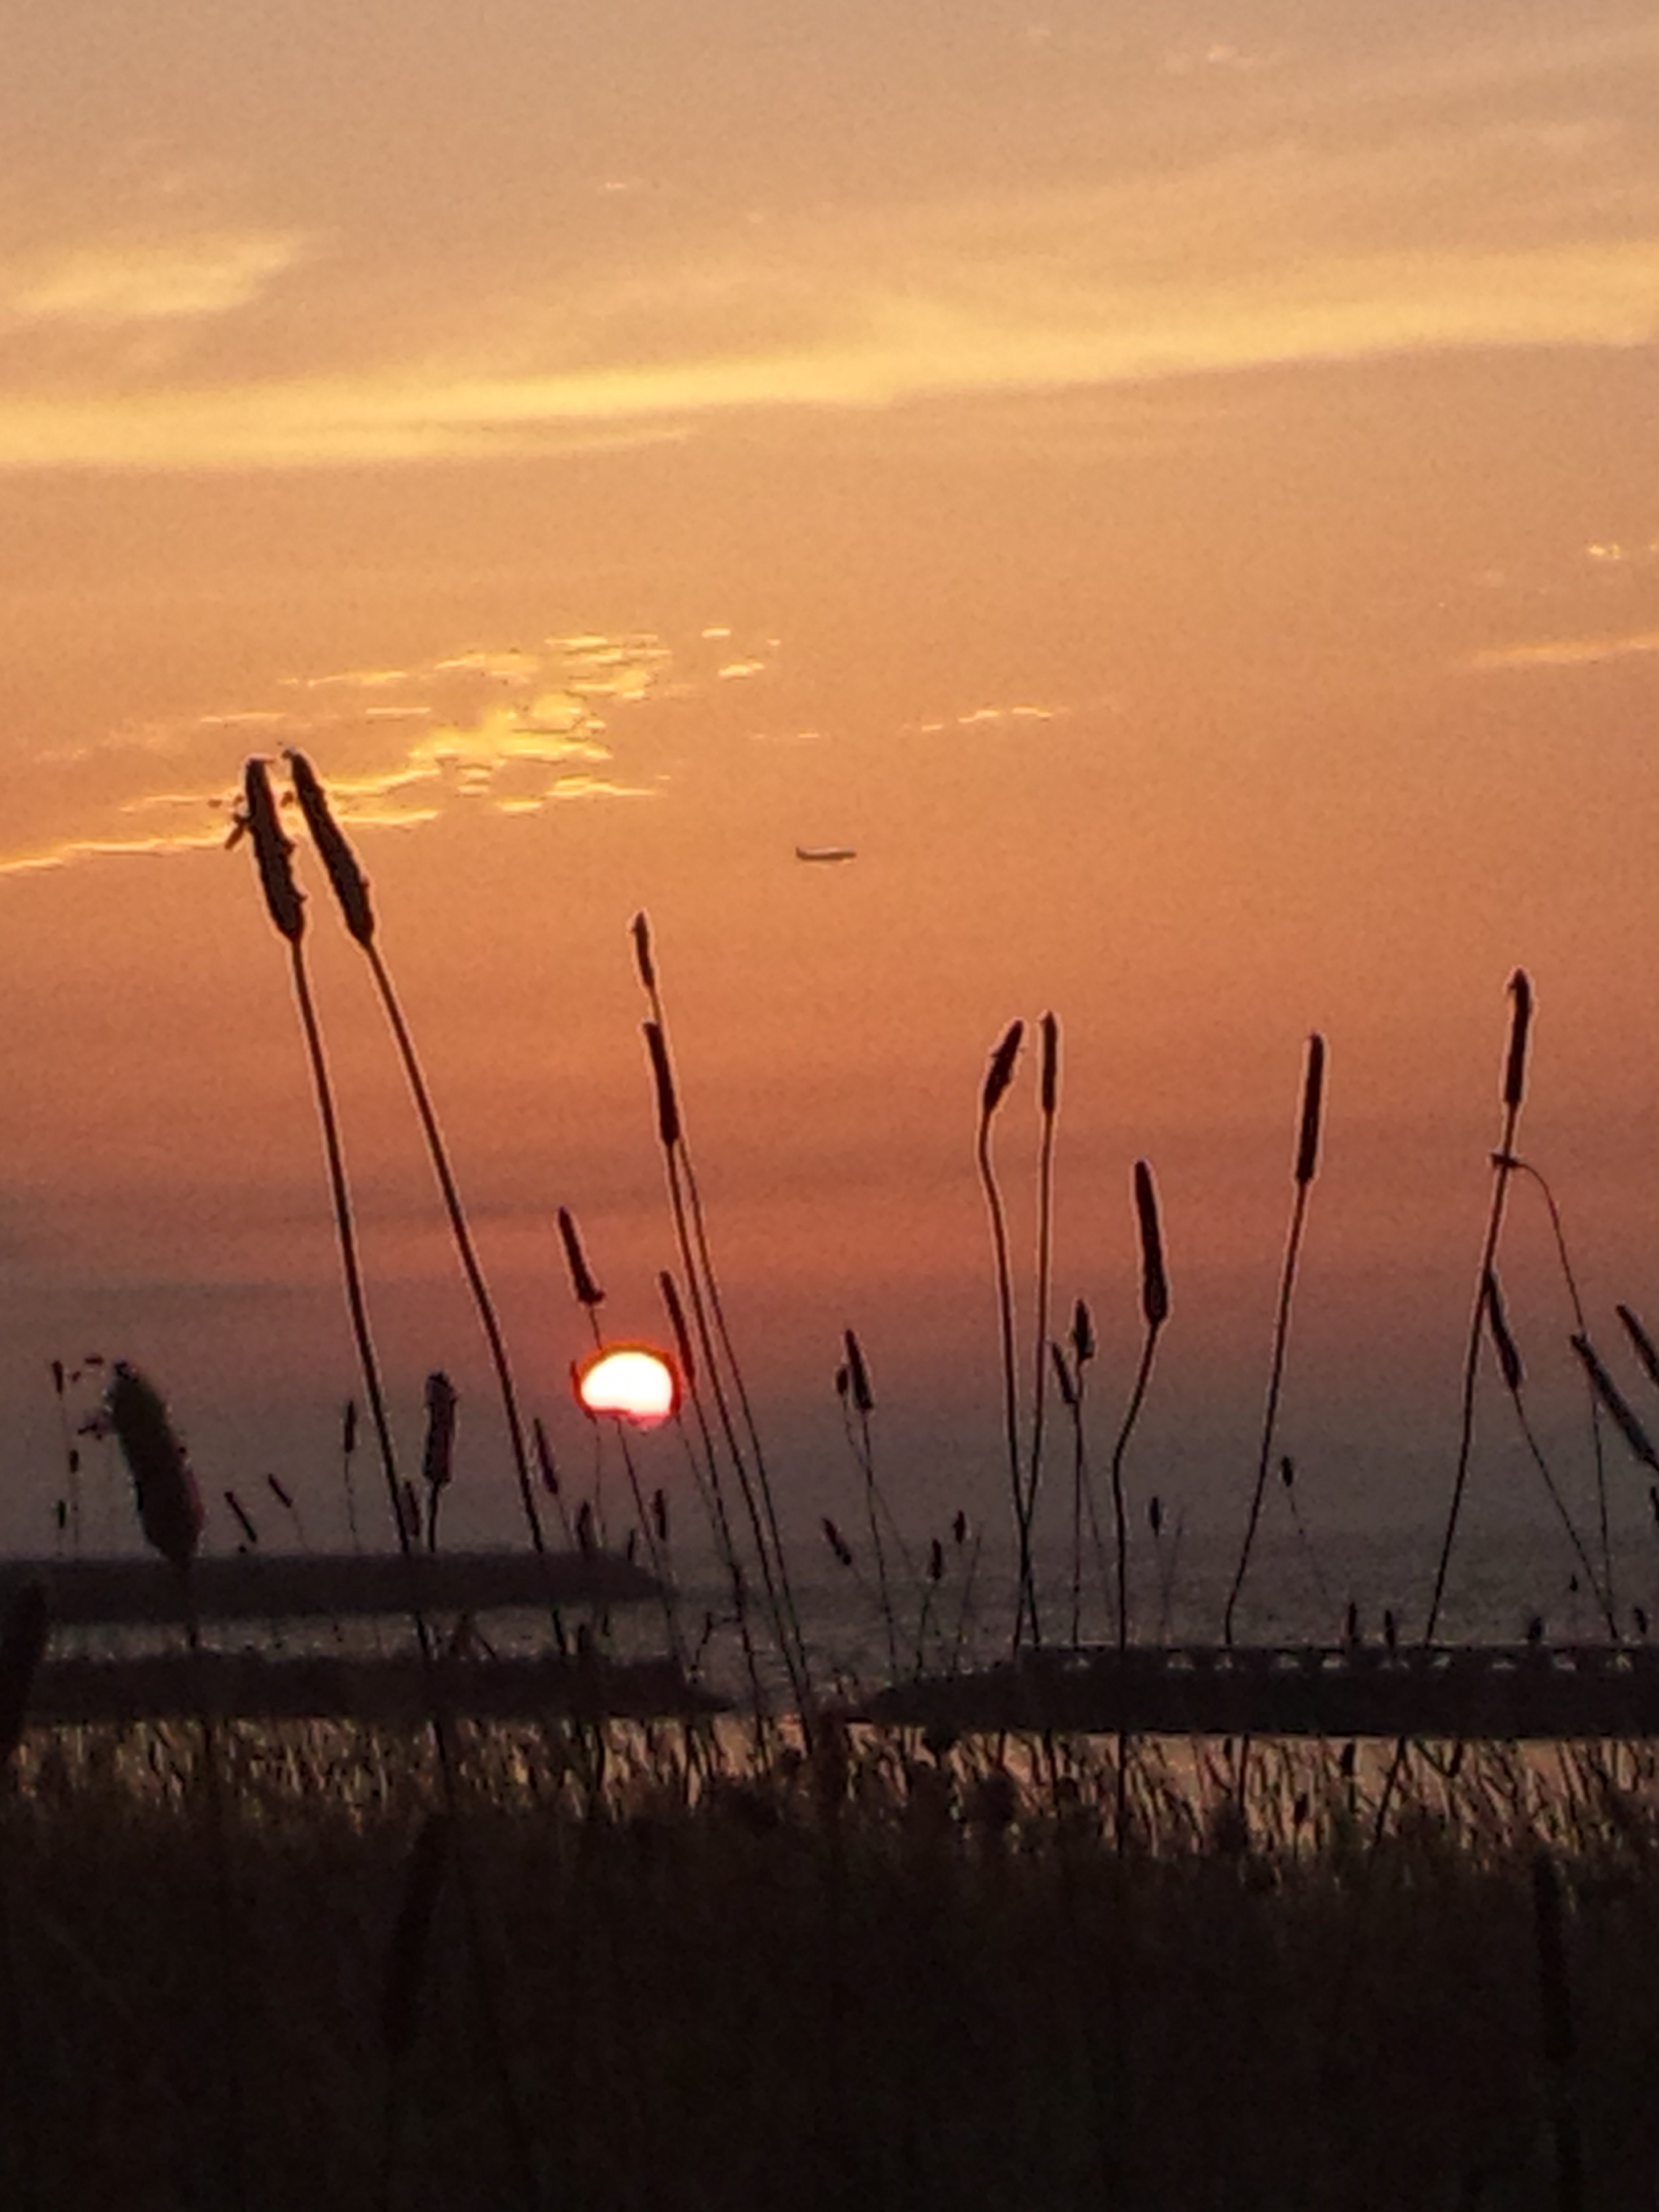 19時過ぎての日の入り 今年も、もうすぐ夏至